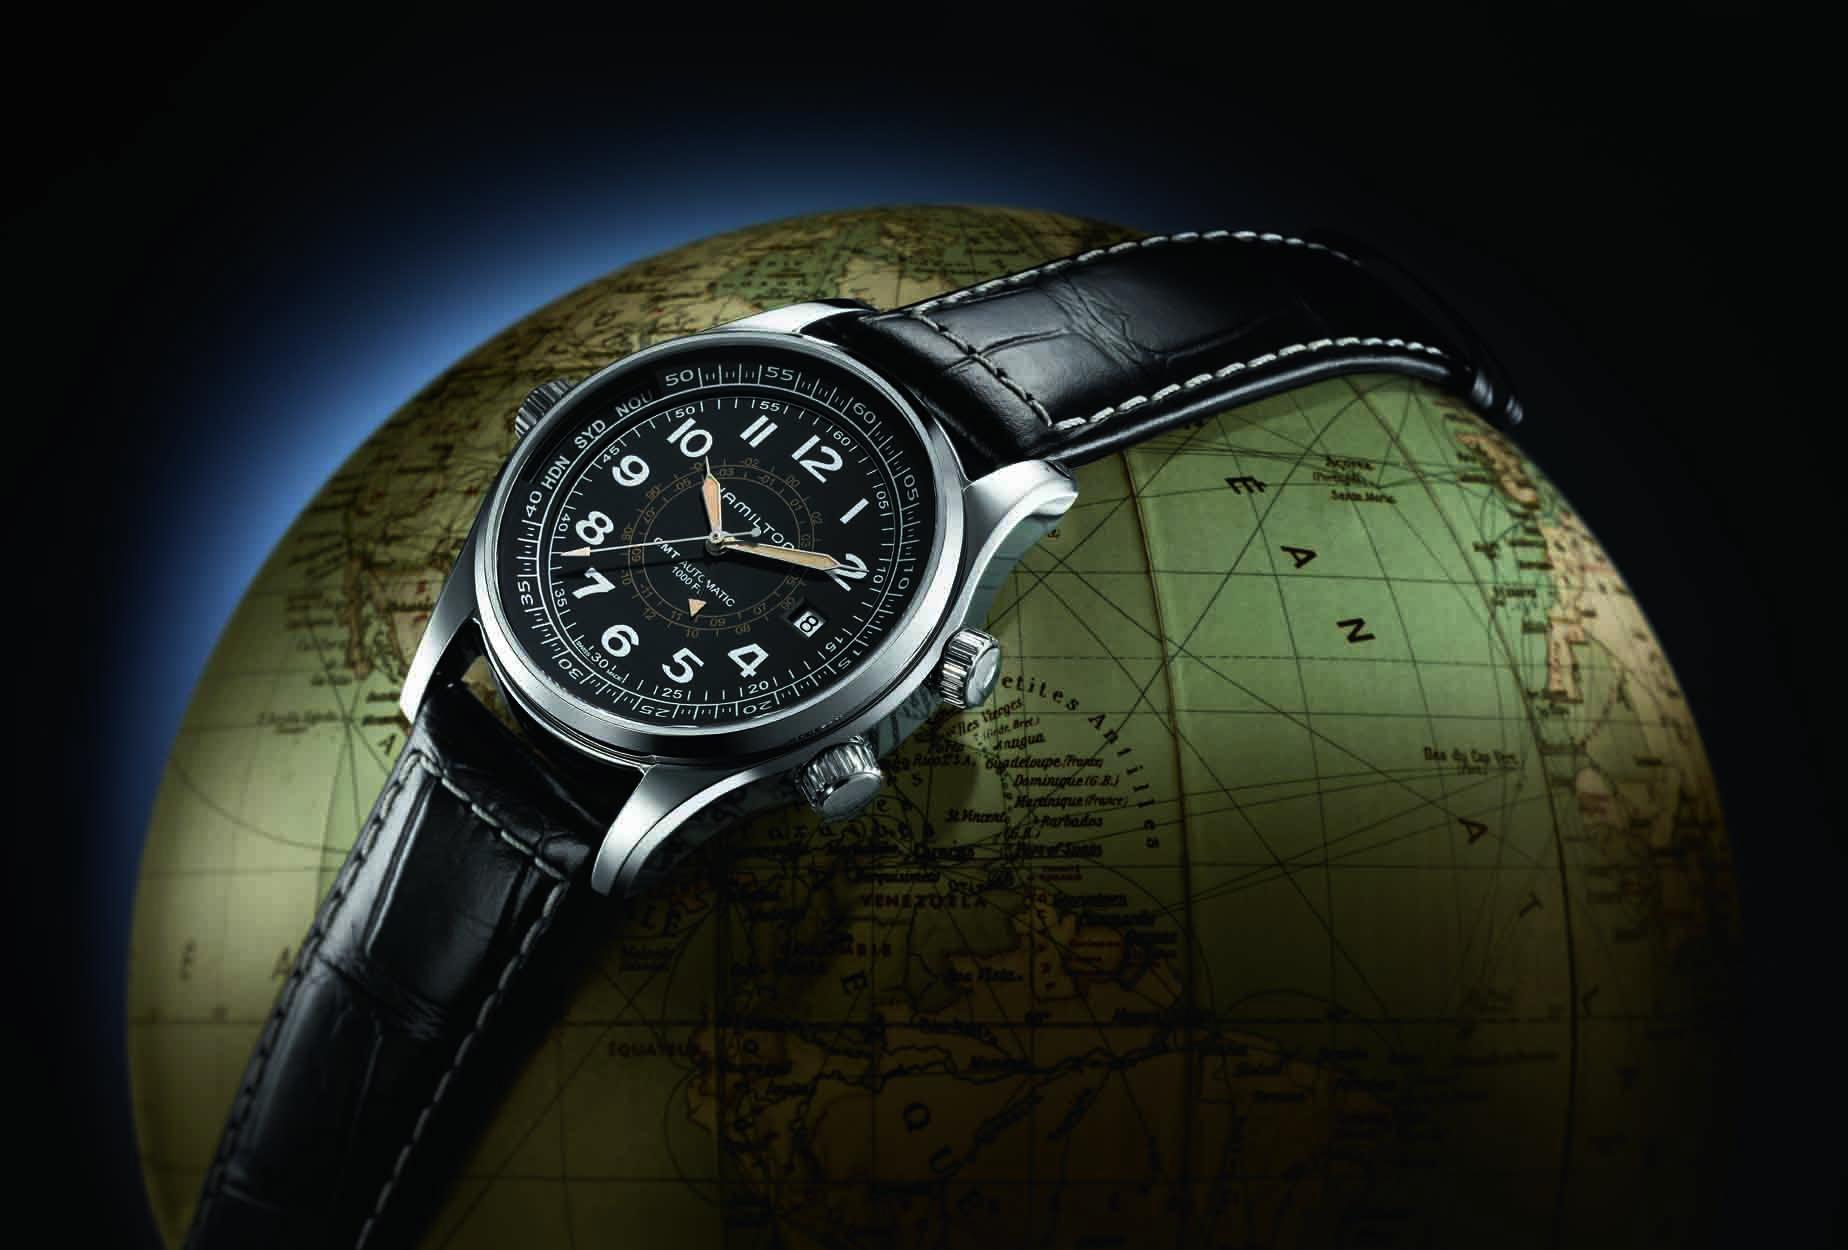 New watch from Hamilton – the Khaki SkyMaster UTC